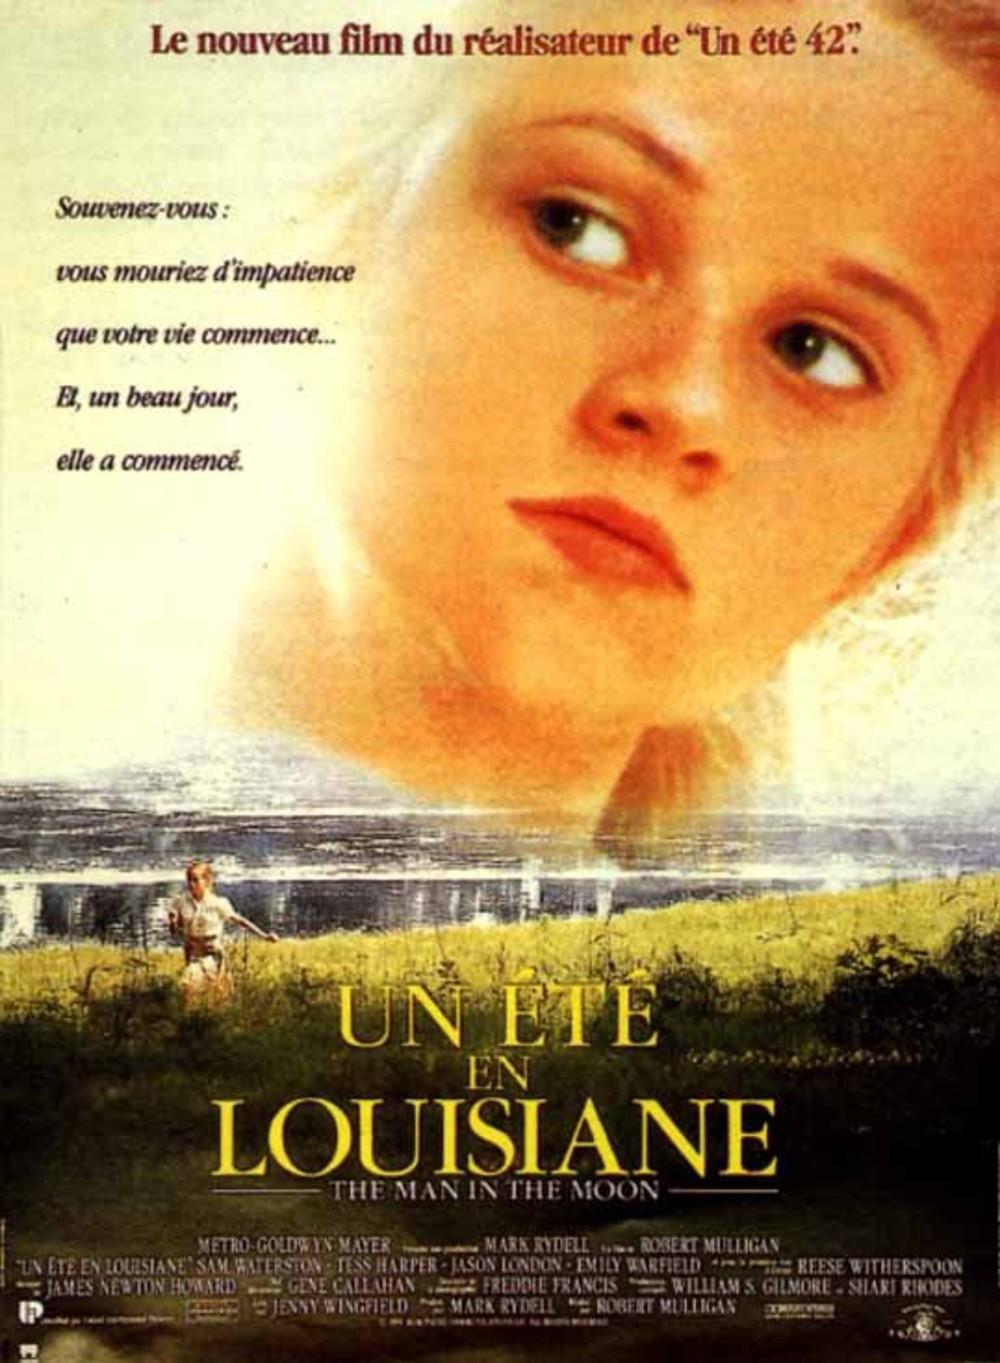 affiche du film Un été en Louisiane